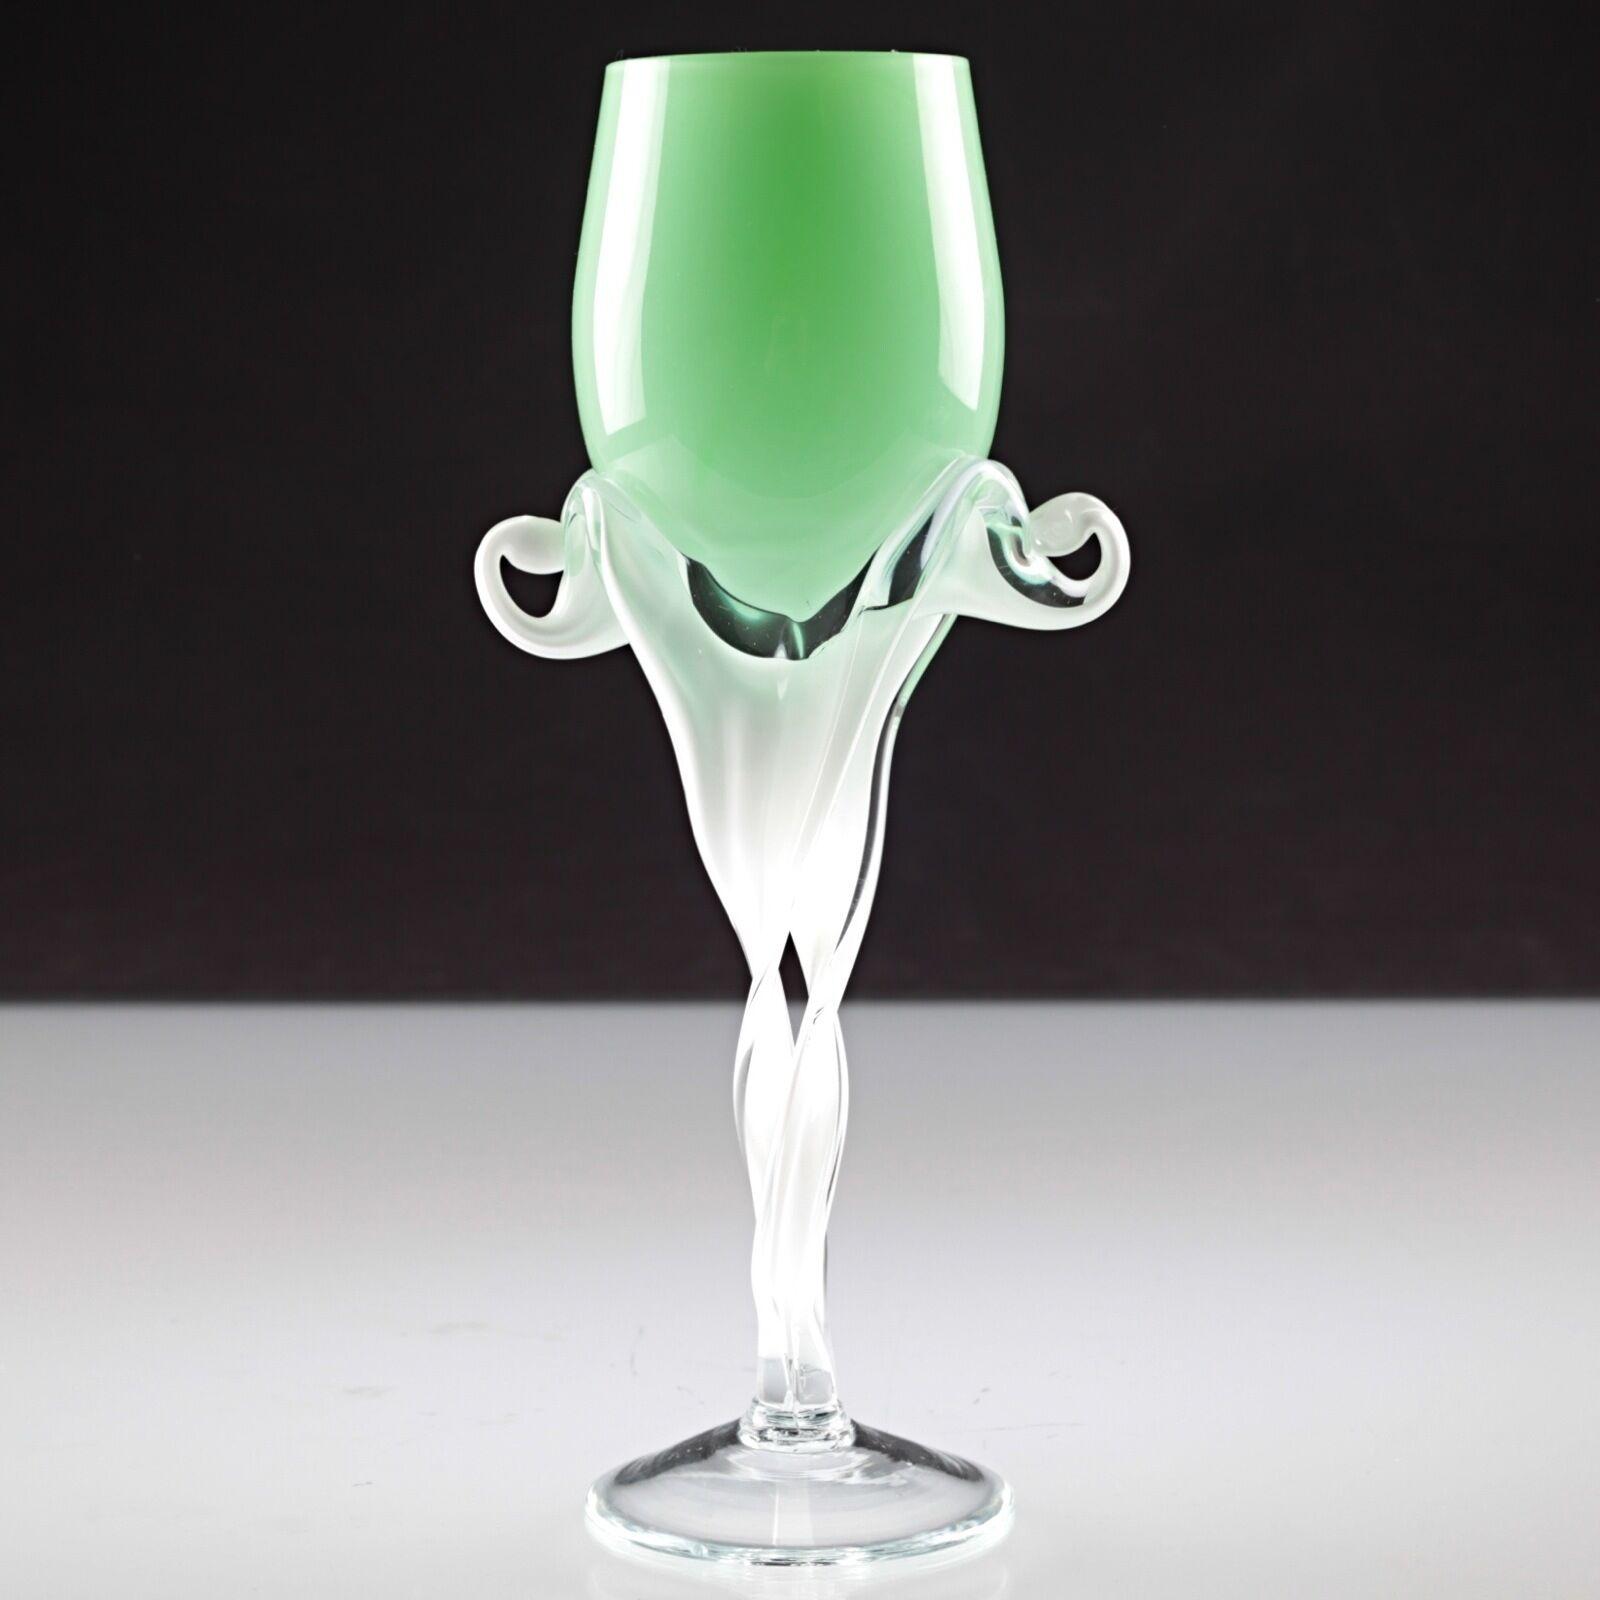 1 großes Vintage Weinglas grün weiß lindgrün lindgrün lindgrün Glas wohl Murano U4U 092e7b